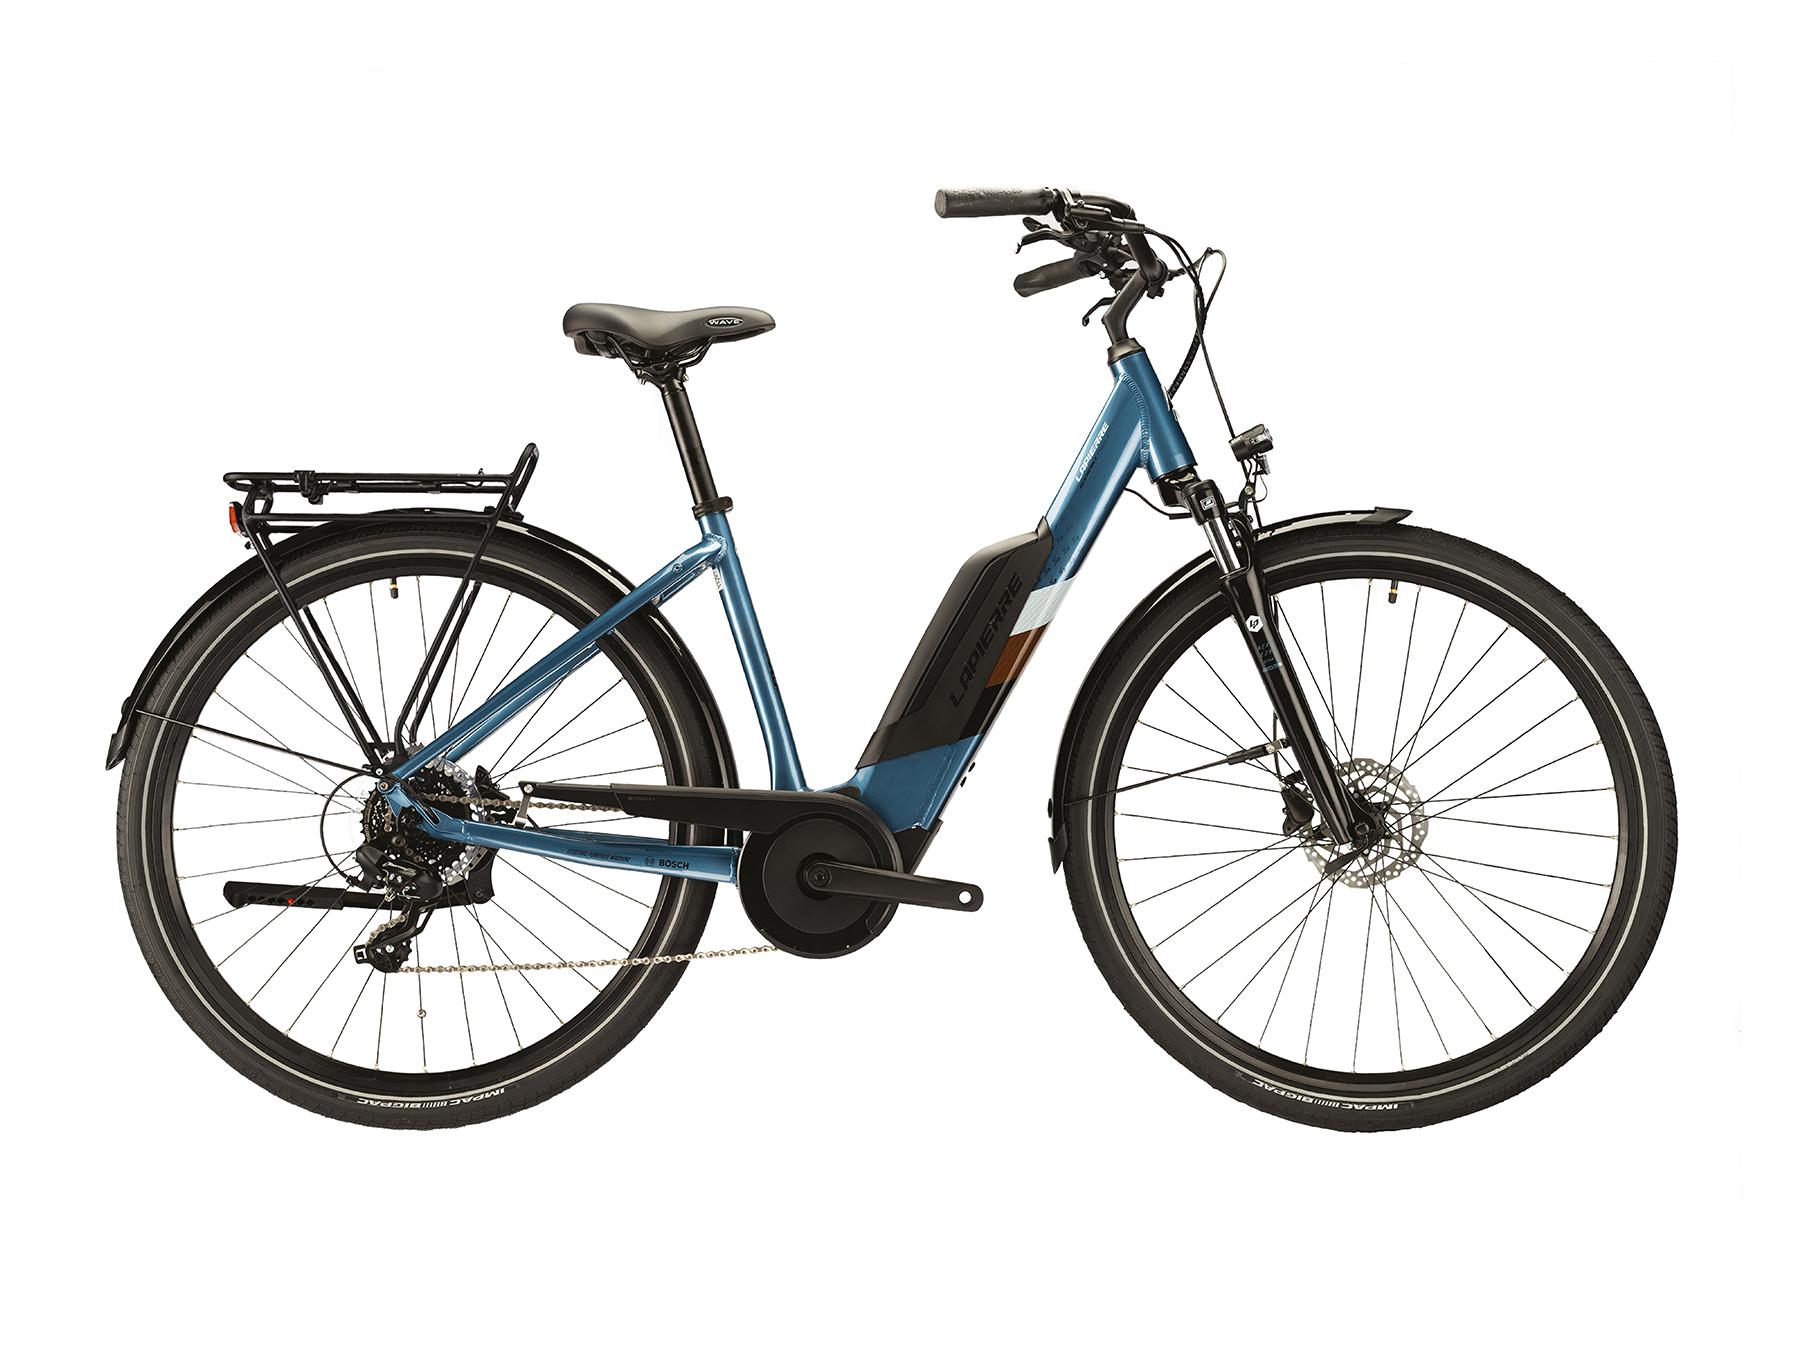 Overvolt Urban 3.4 Lapierre la marque française de vélo électrique